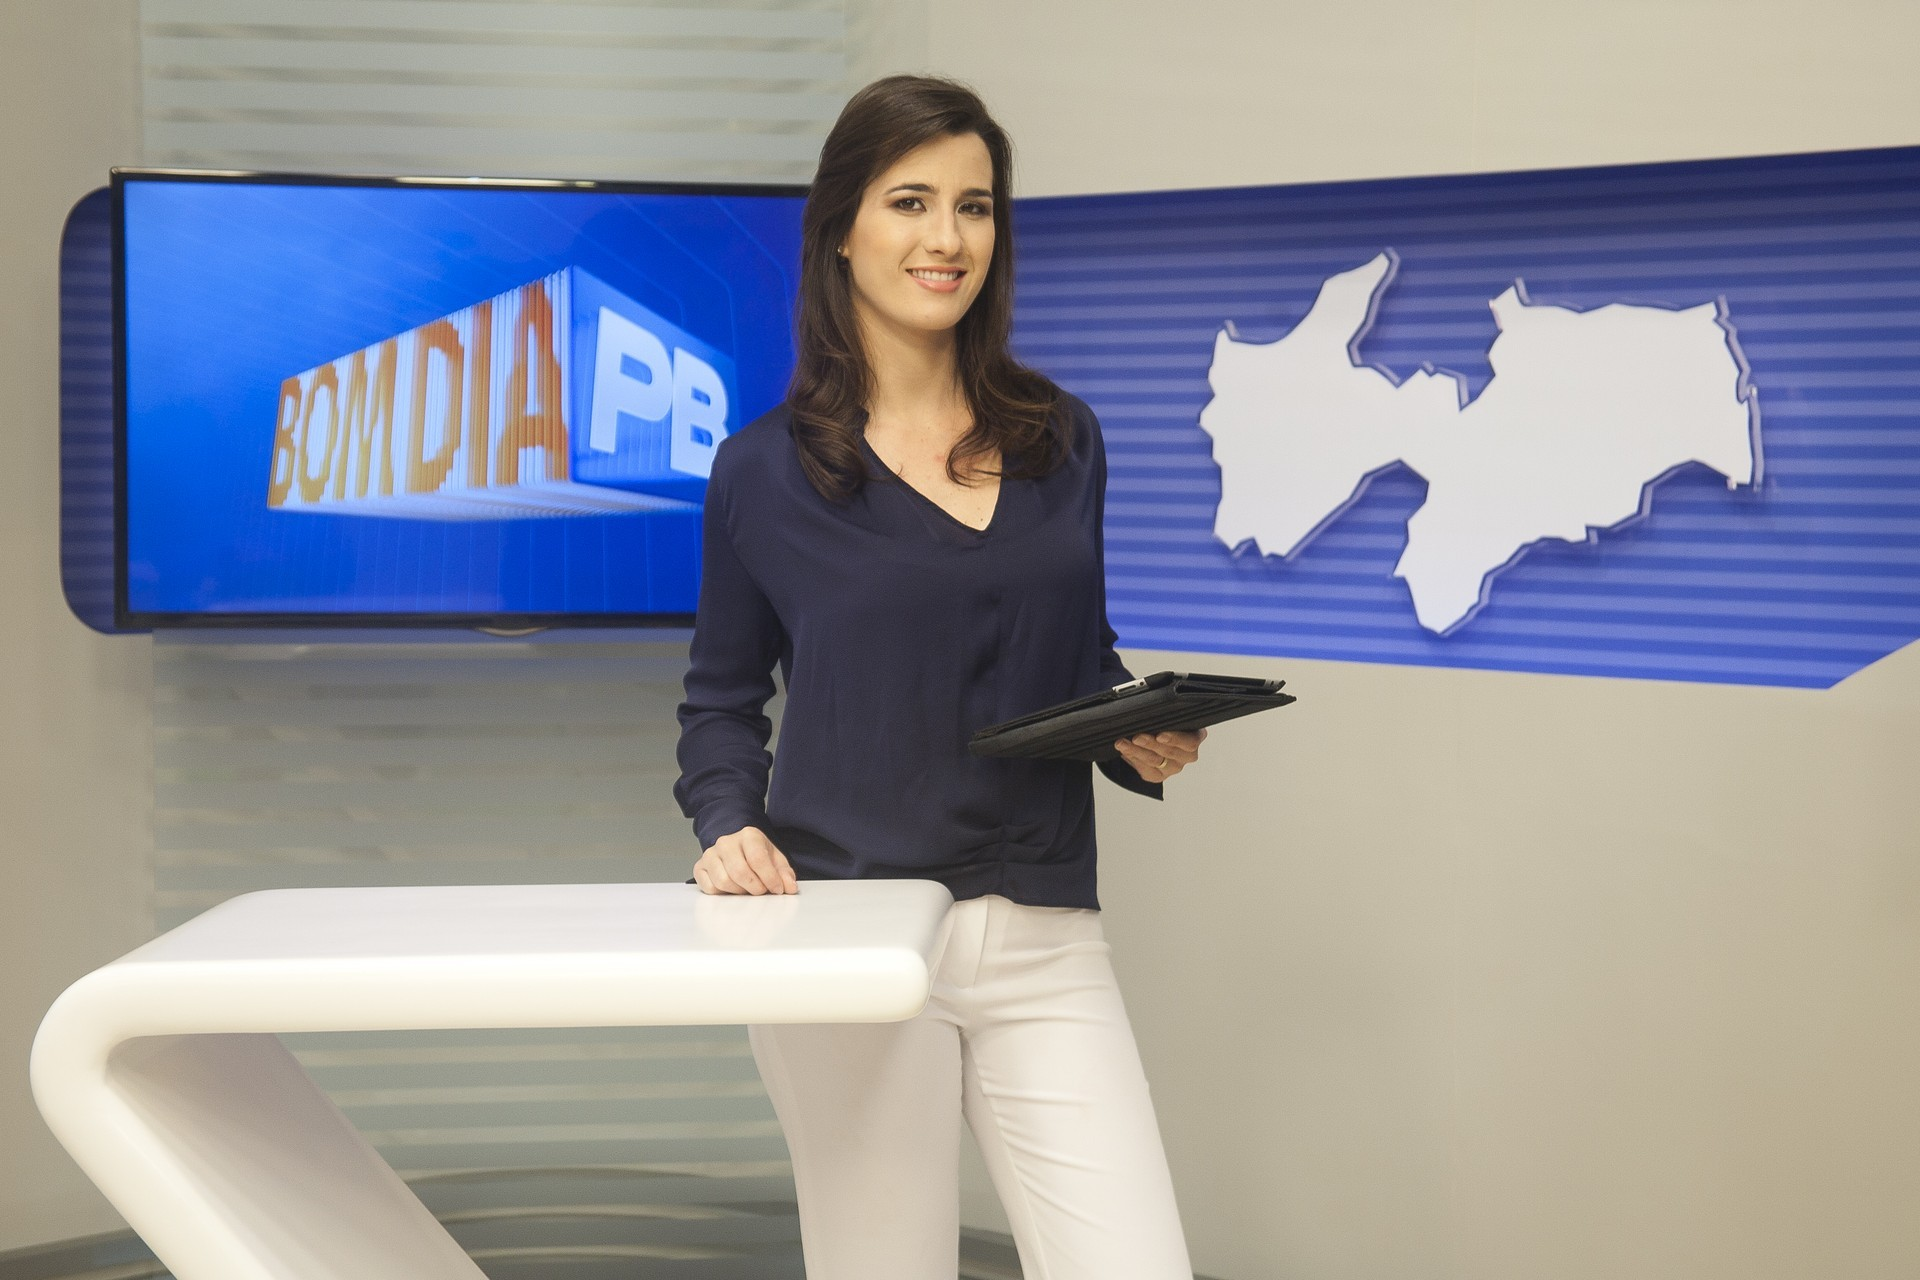 Patrícia Rocha no novo cenário do Bom Dia Paraíba (Foto: Felipe Gesteira/TV Cabo Branco)